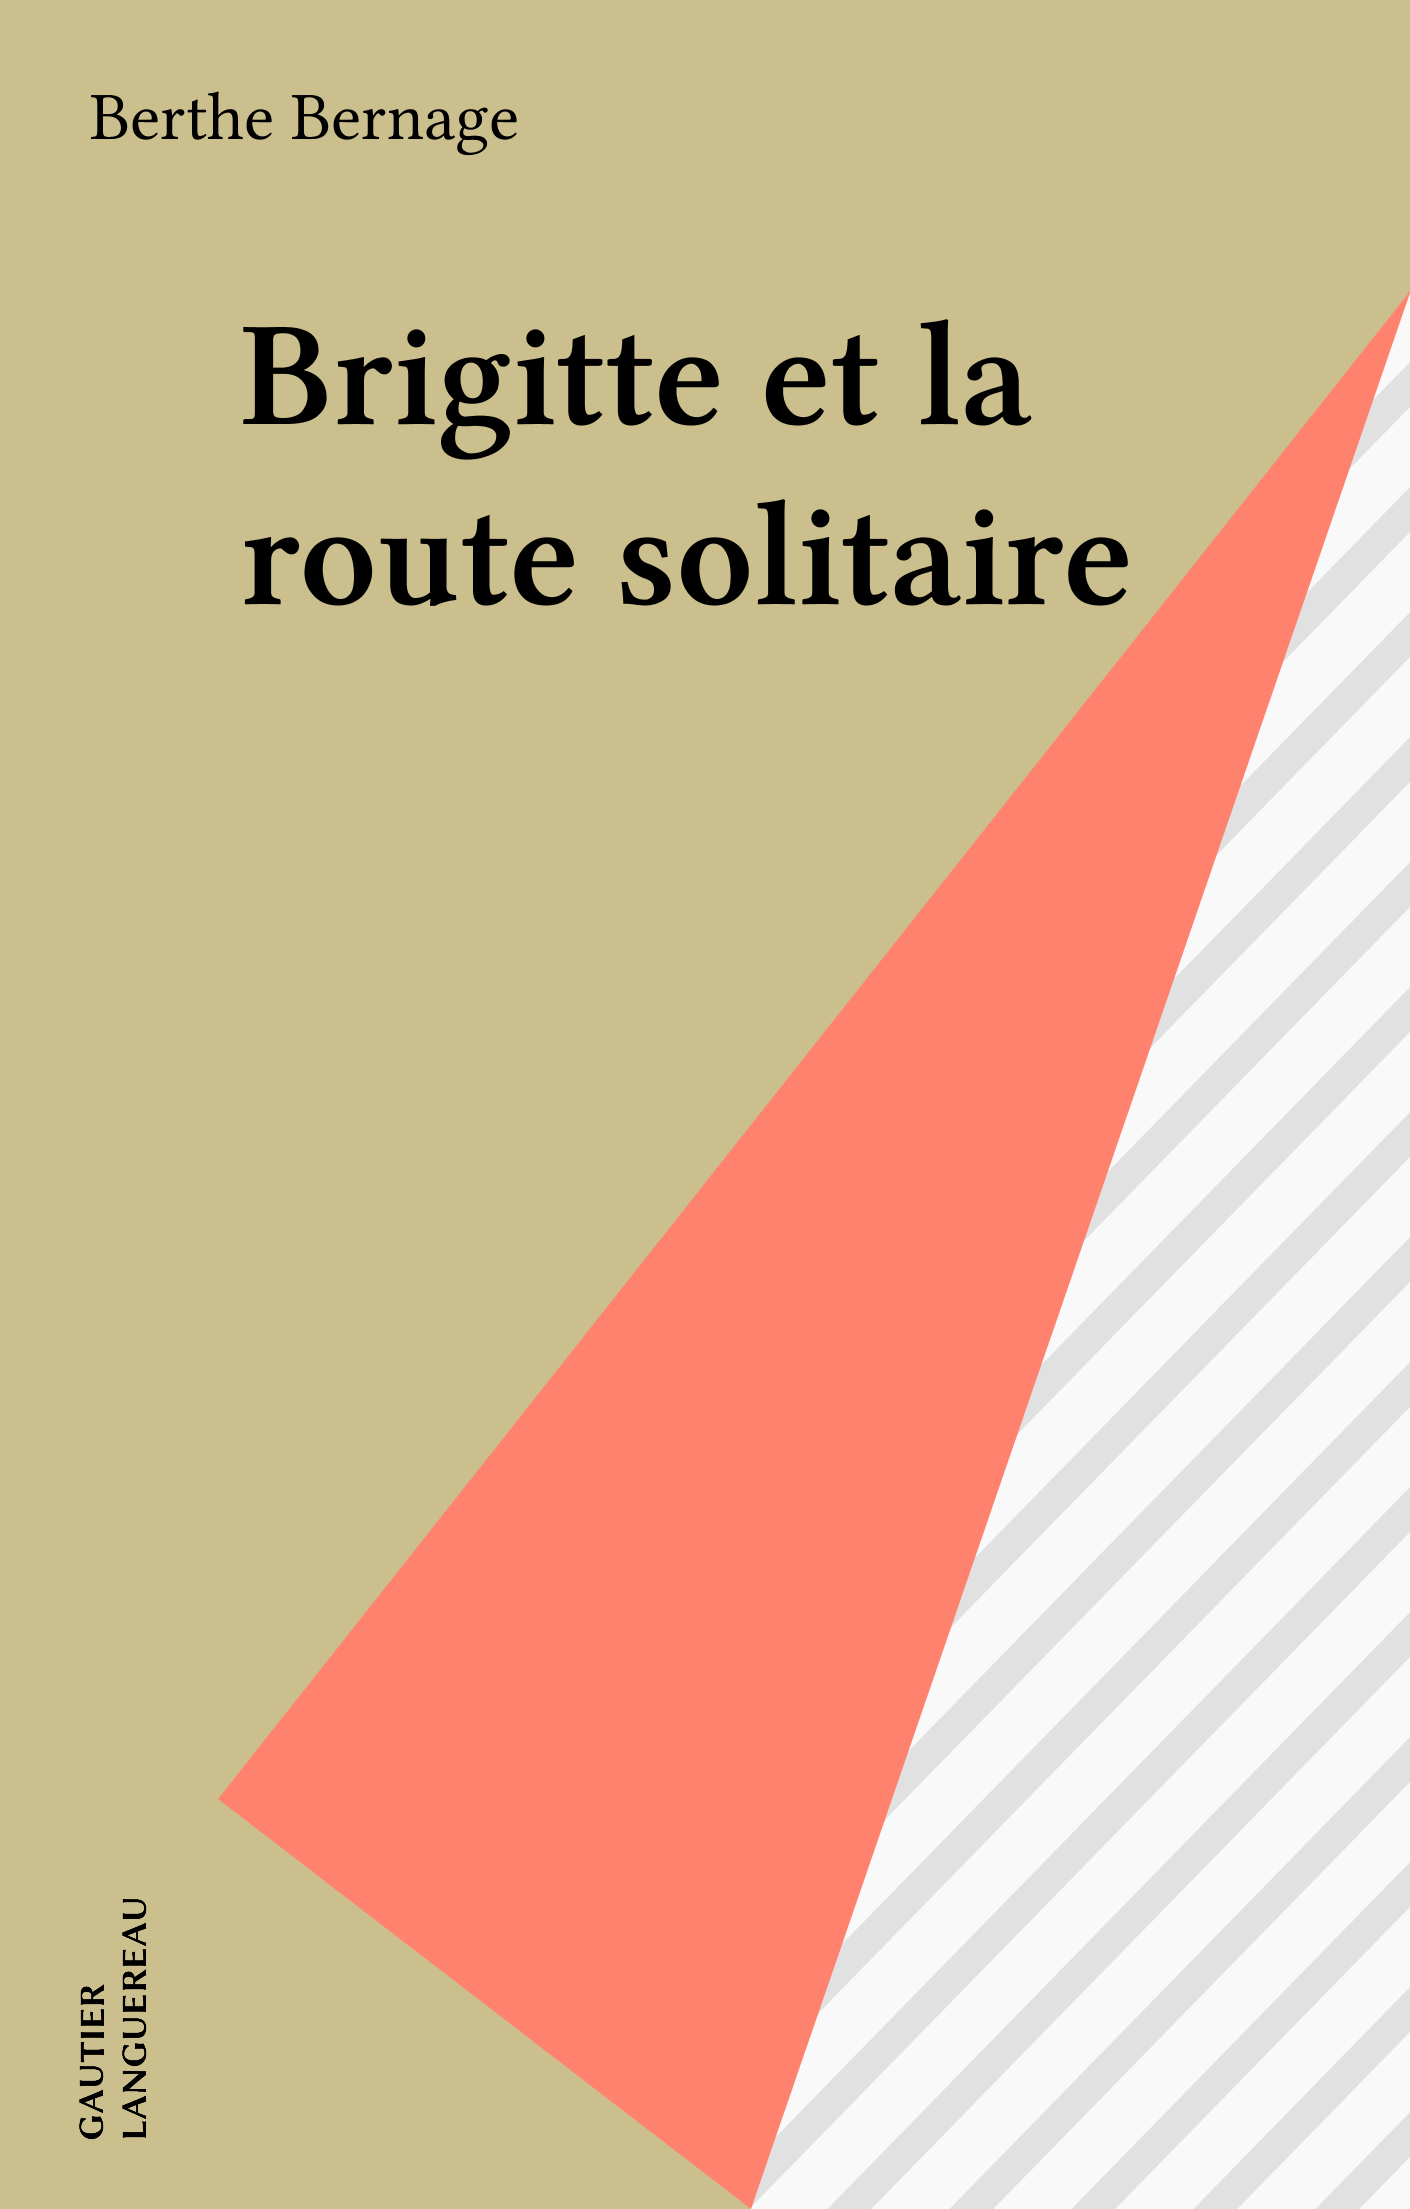 Brigitte et la route solitaire